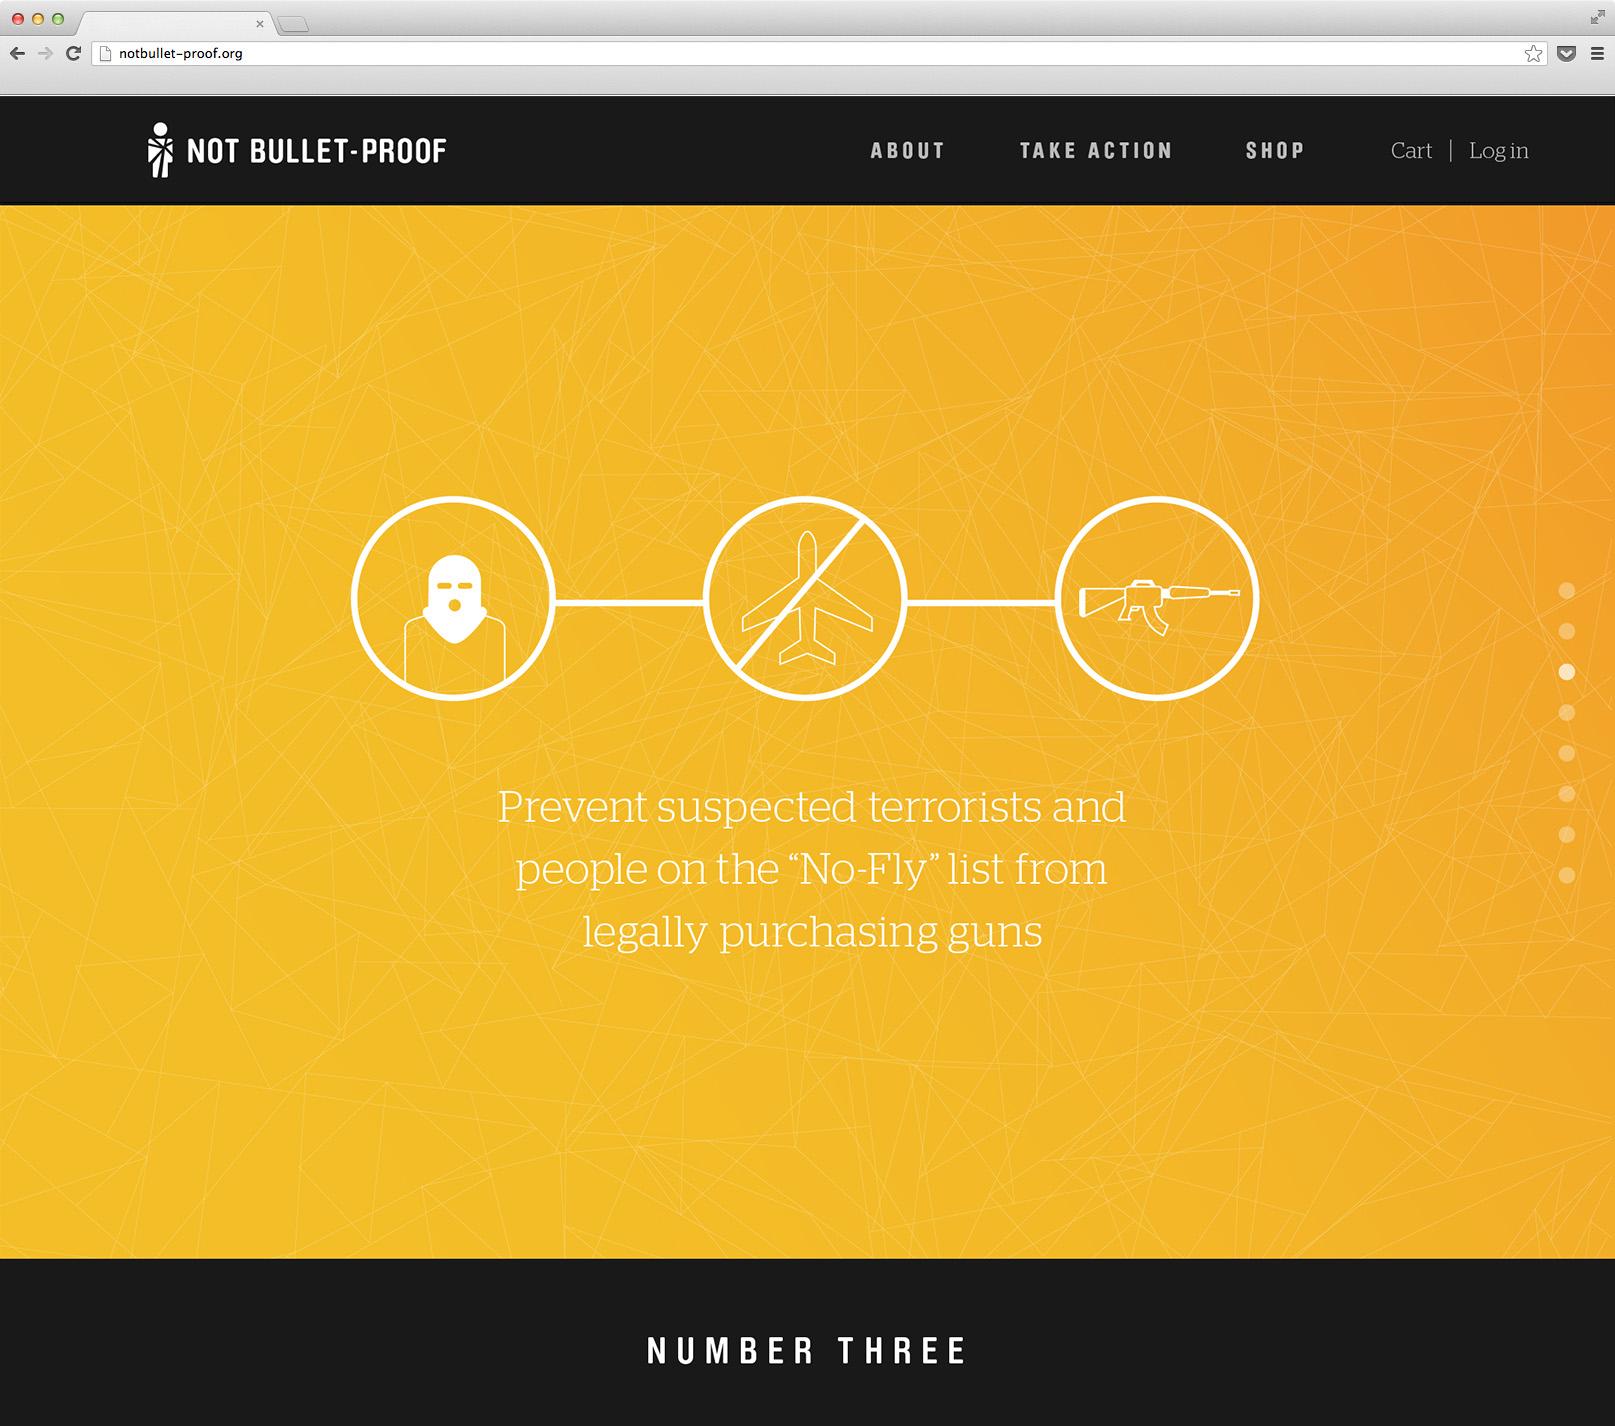 NBP_Browser_05.jpg